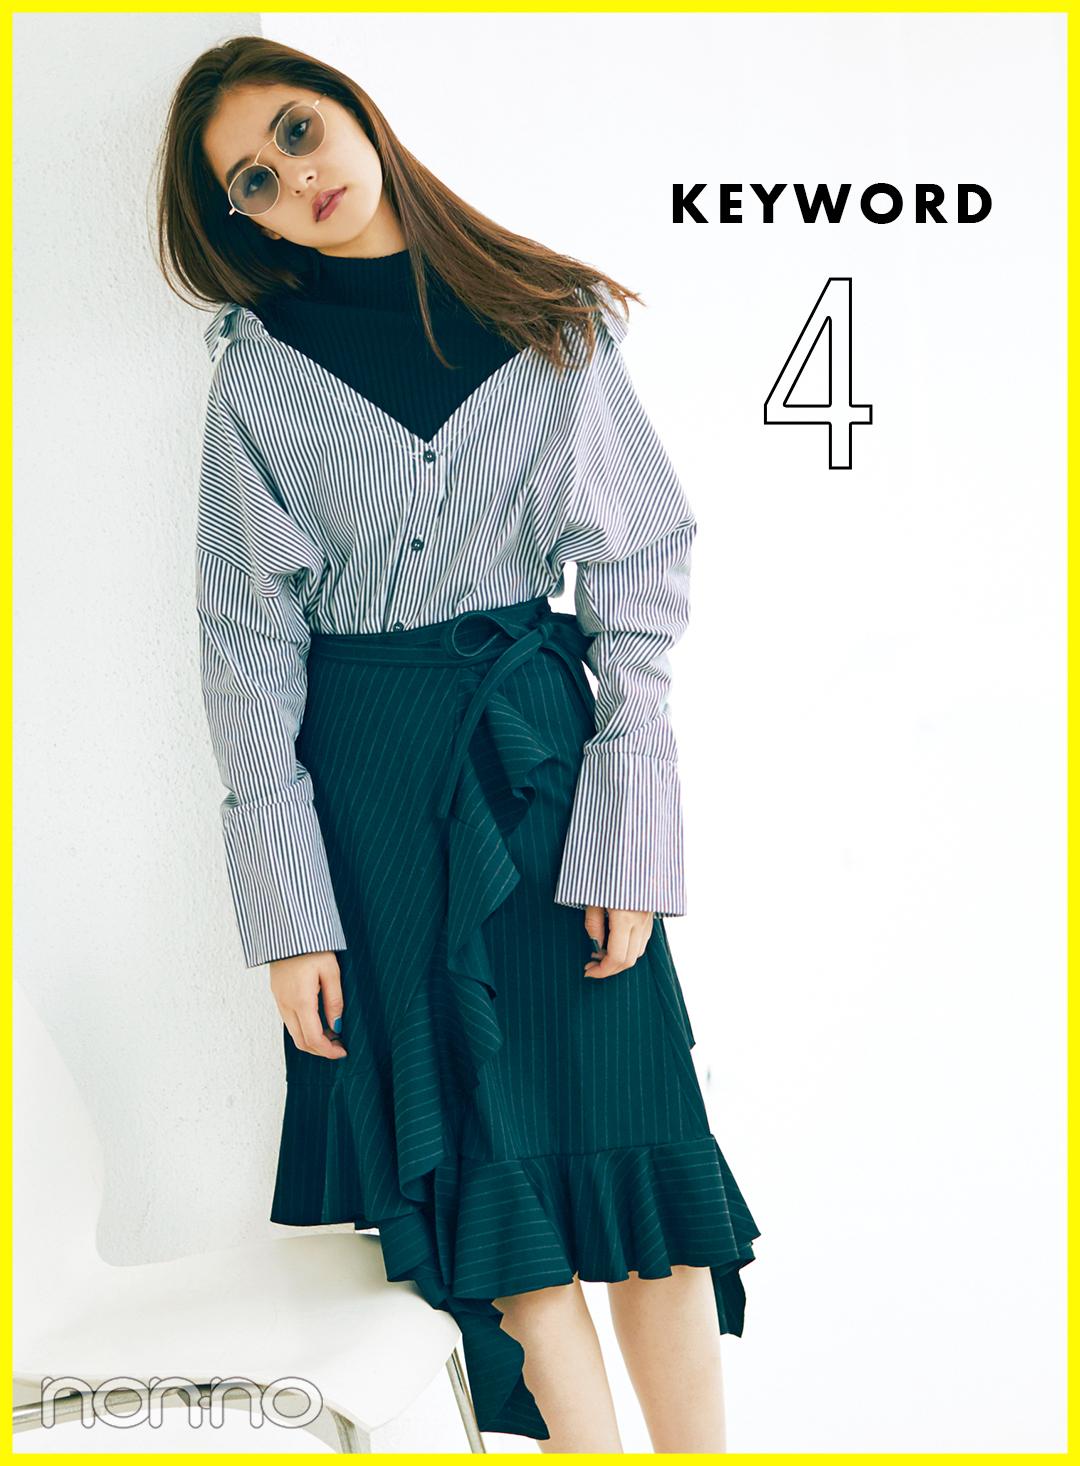 """気になる!新木優子の""""NEXT おしゃれ""""キーワード 5_1_3-3"""